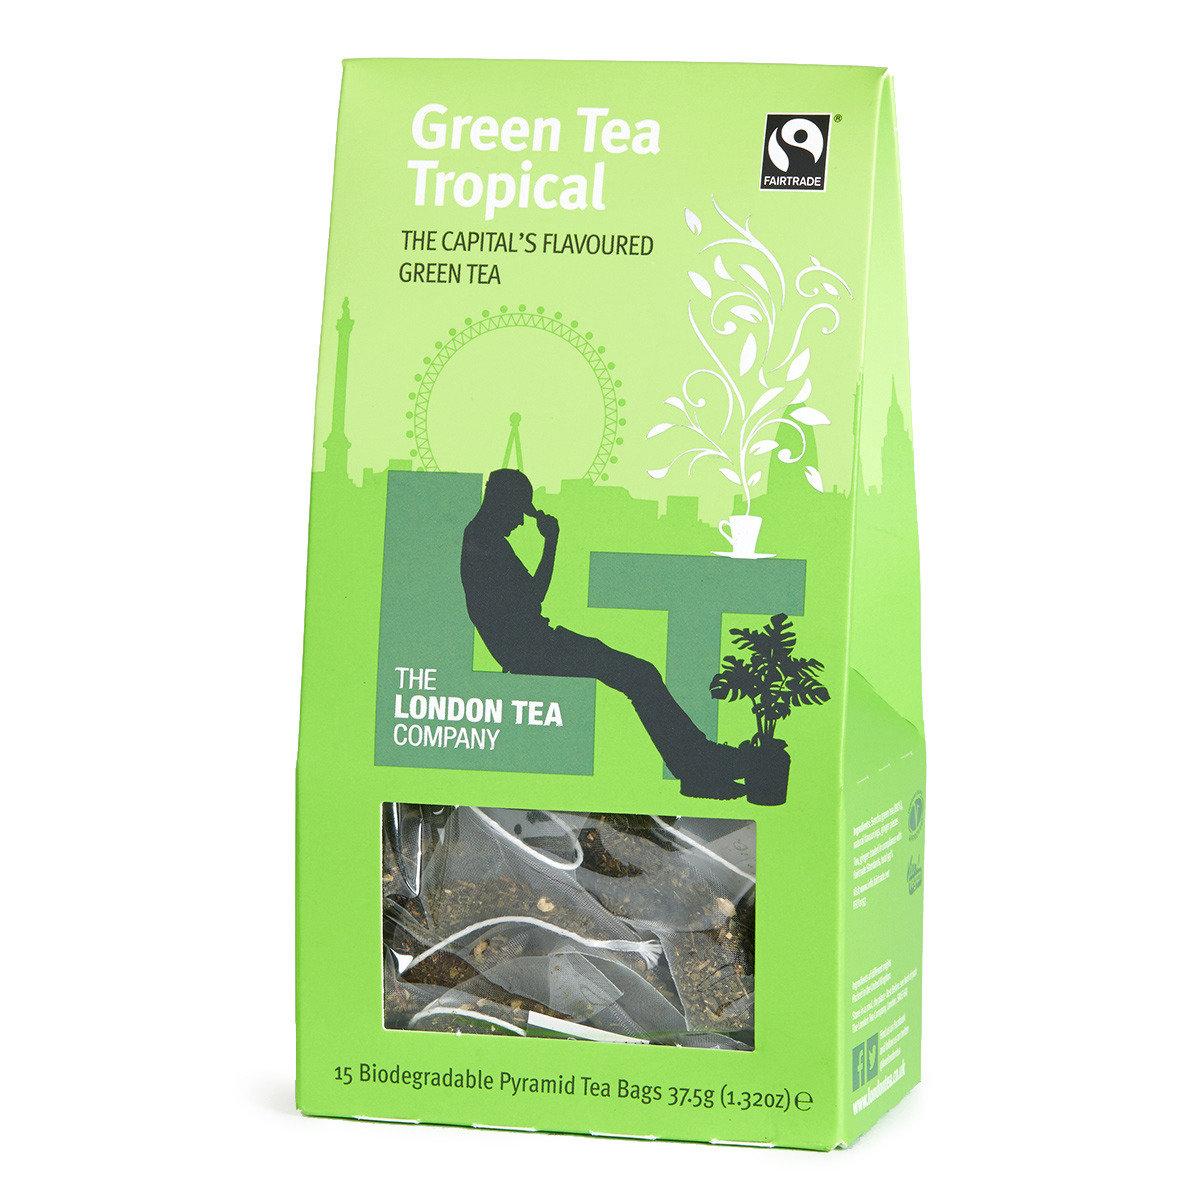 熱帶果園綠茶